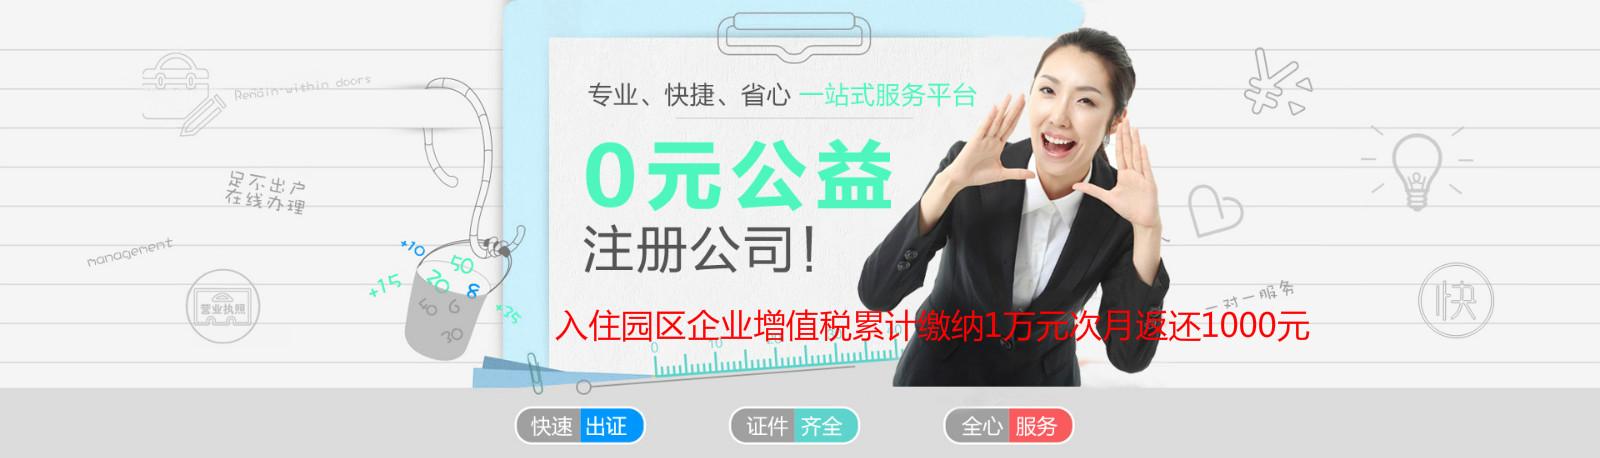 天津武清区工商代理|武清区公司注册流程及费用|武清记账报税.